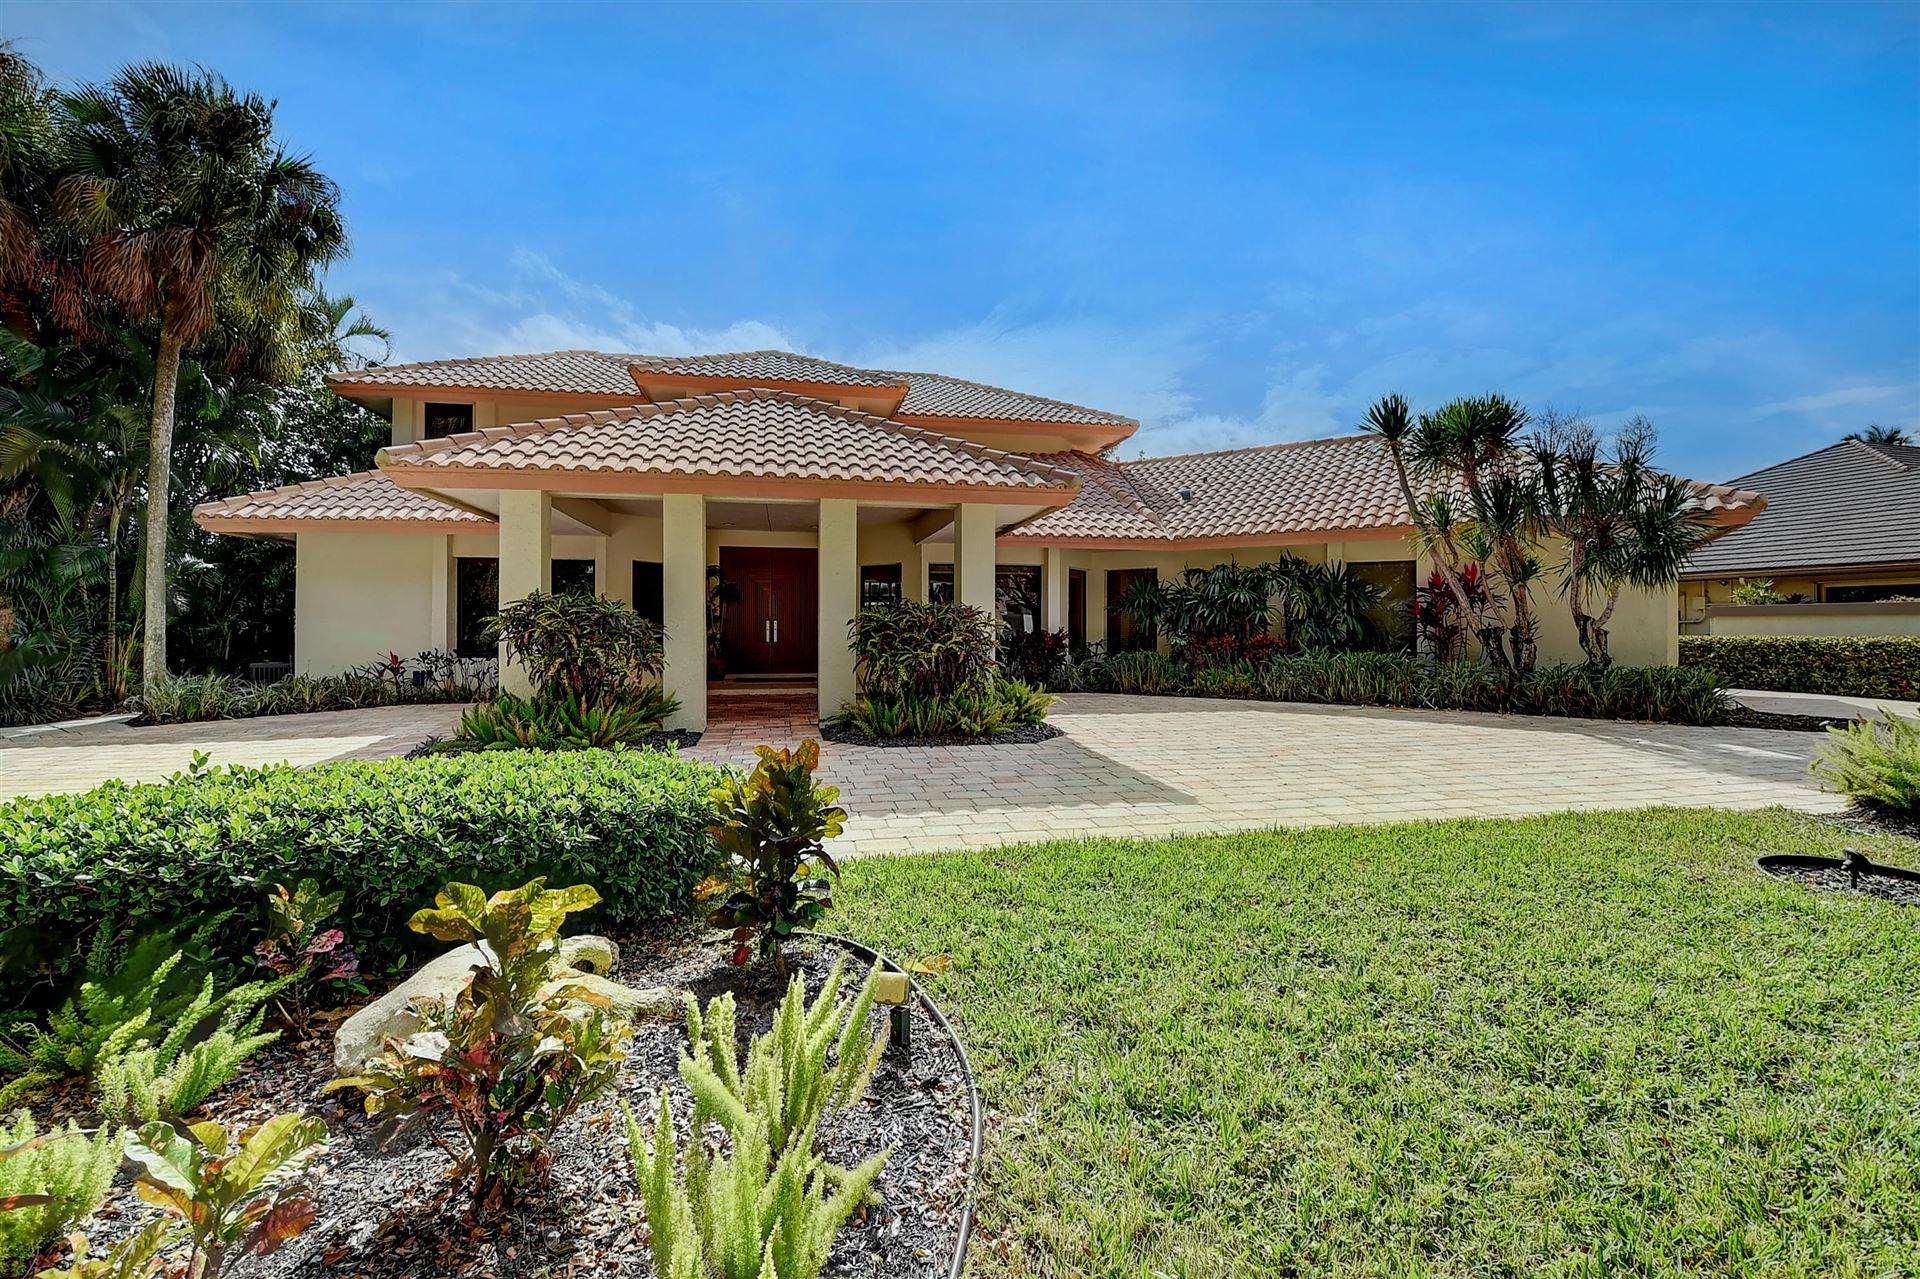 7532 Mahogany Bend Place, Boca Raton, FL 33434 - MLS#: RX-10683223